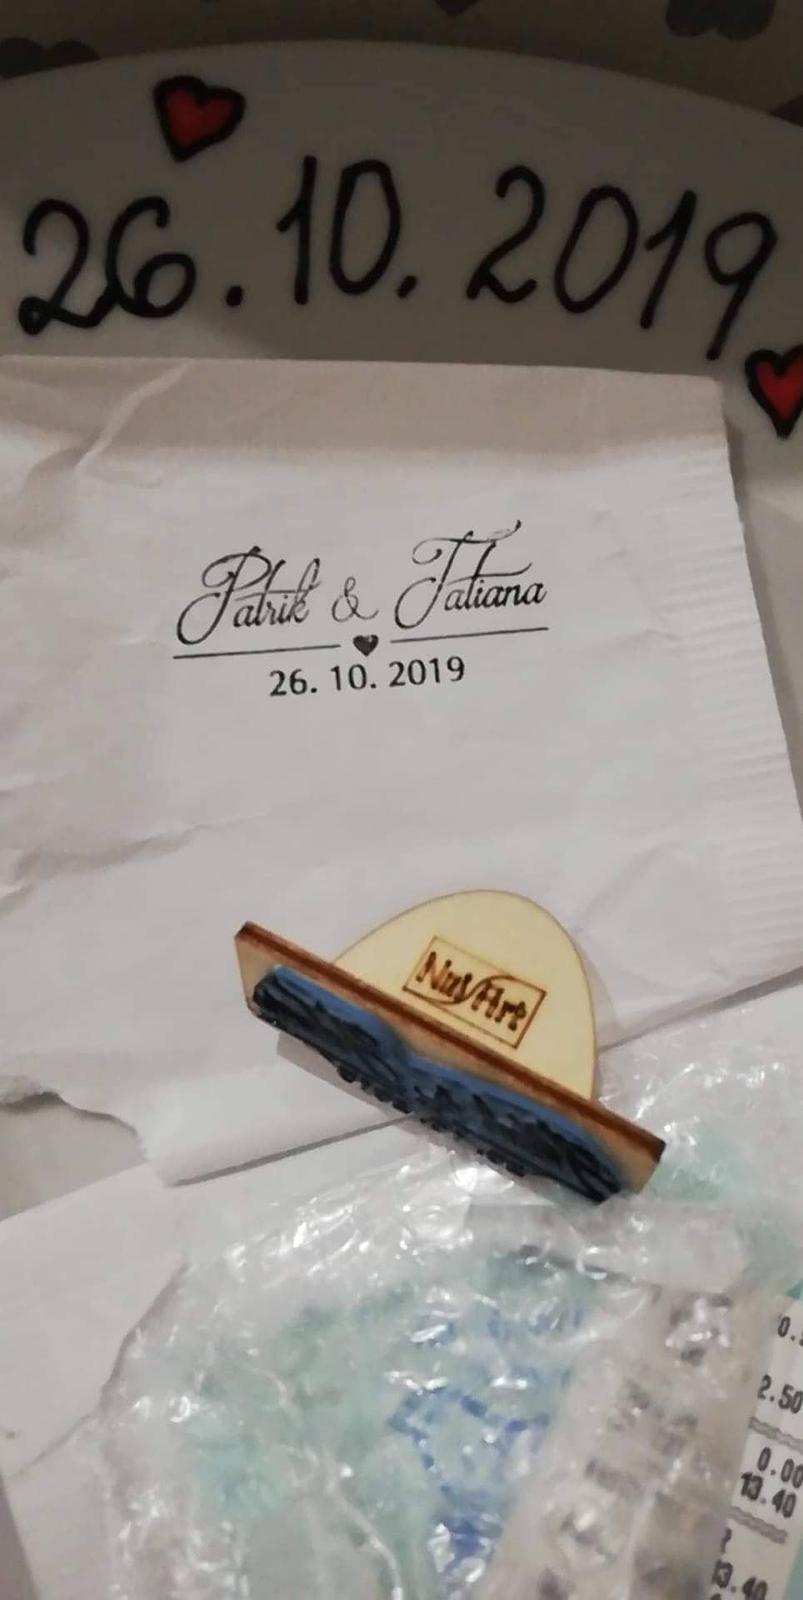 Plánovanie toho nášho najkrajšieho DŇA  :-) - naša svadobná pečiatka, budeme používať na obálky (oznámenia) a na krabičky od koláčov